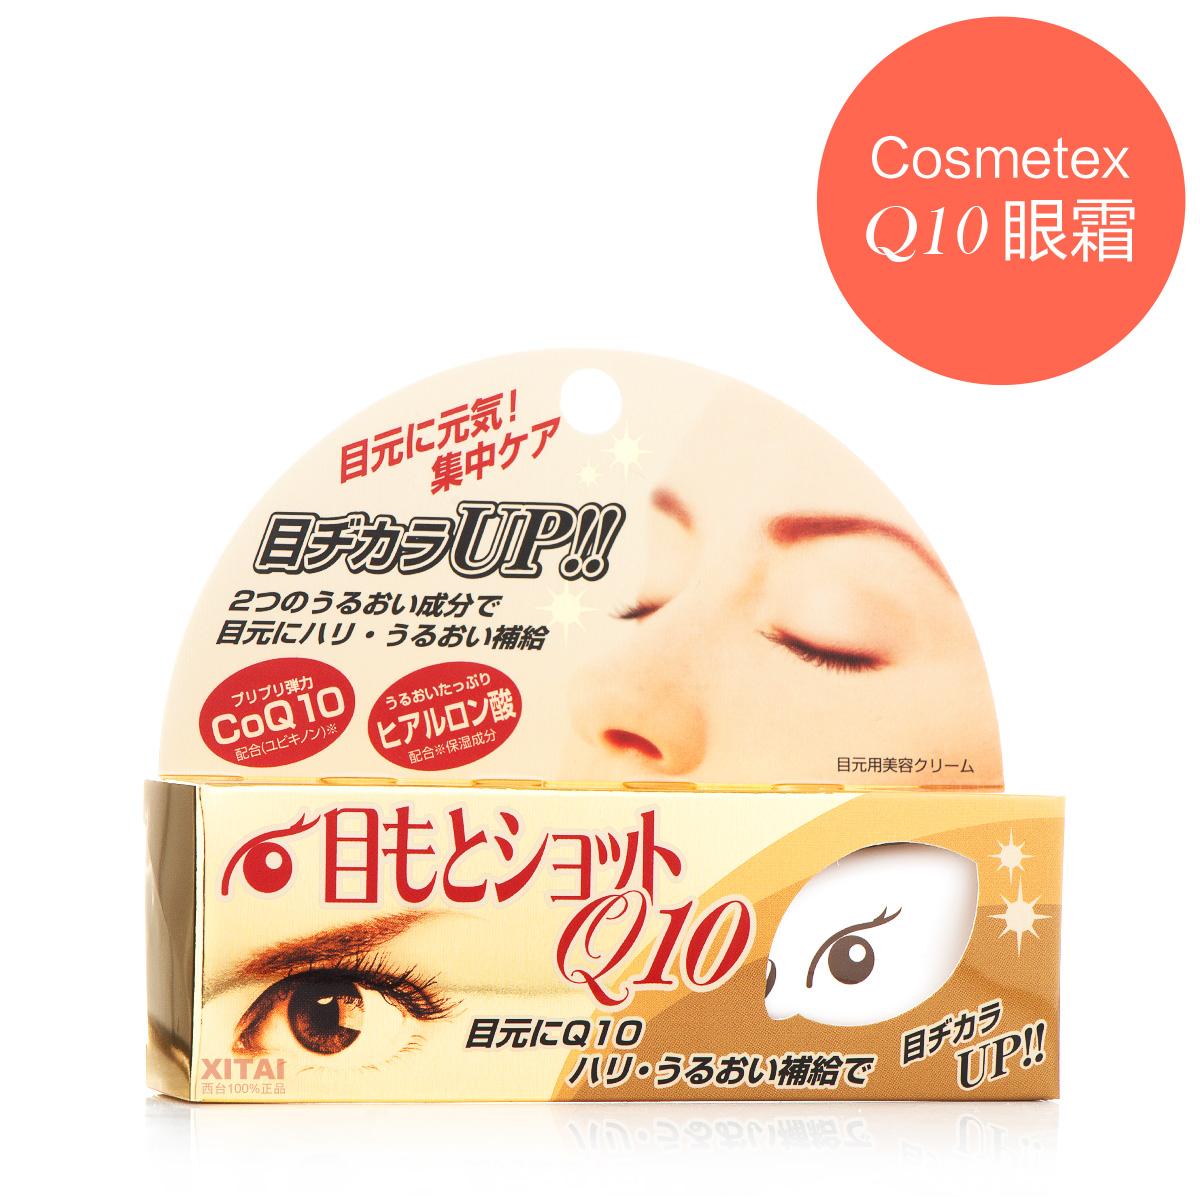 日本目元Cosmetex Q10高保溼眼霜 緊緻提拉修護淡化細紋黑眼圈20g